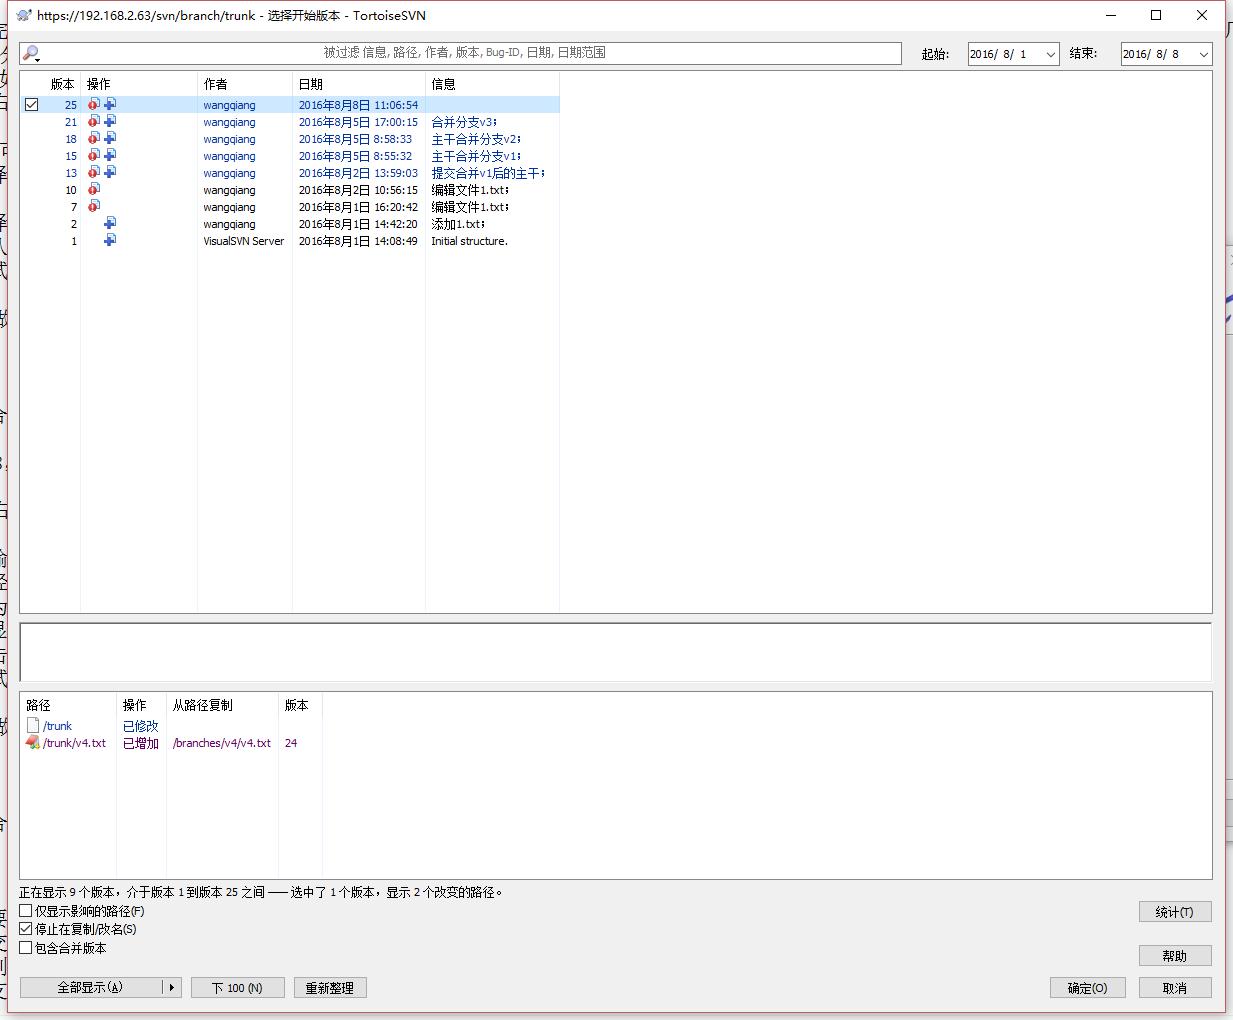 在起始版本处,选择版本,点击版本后的显示日志按钮,选择版本:25,即要添加分支v5的起始版本26的上一个版本